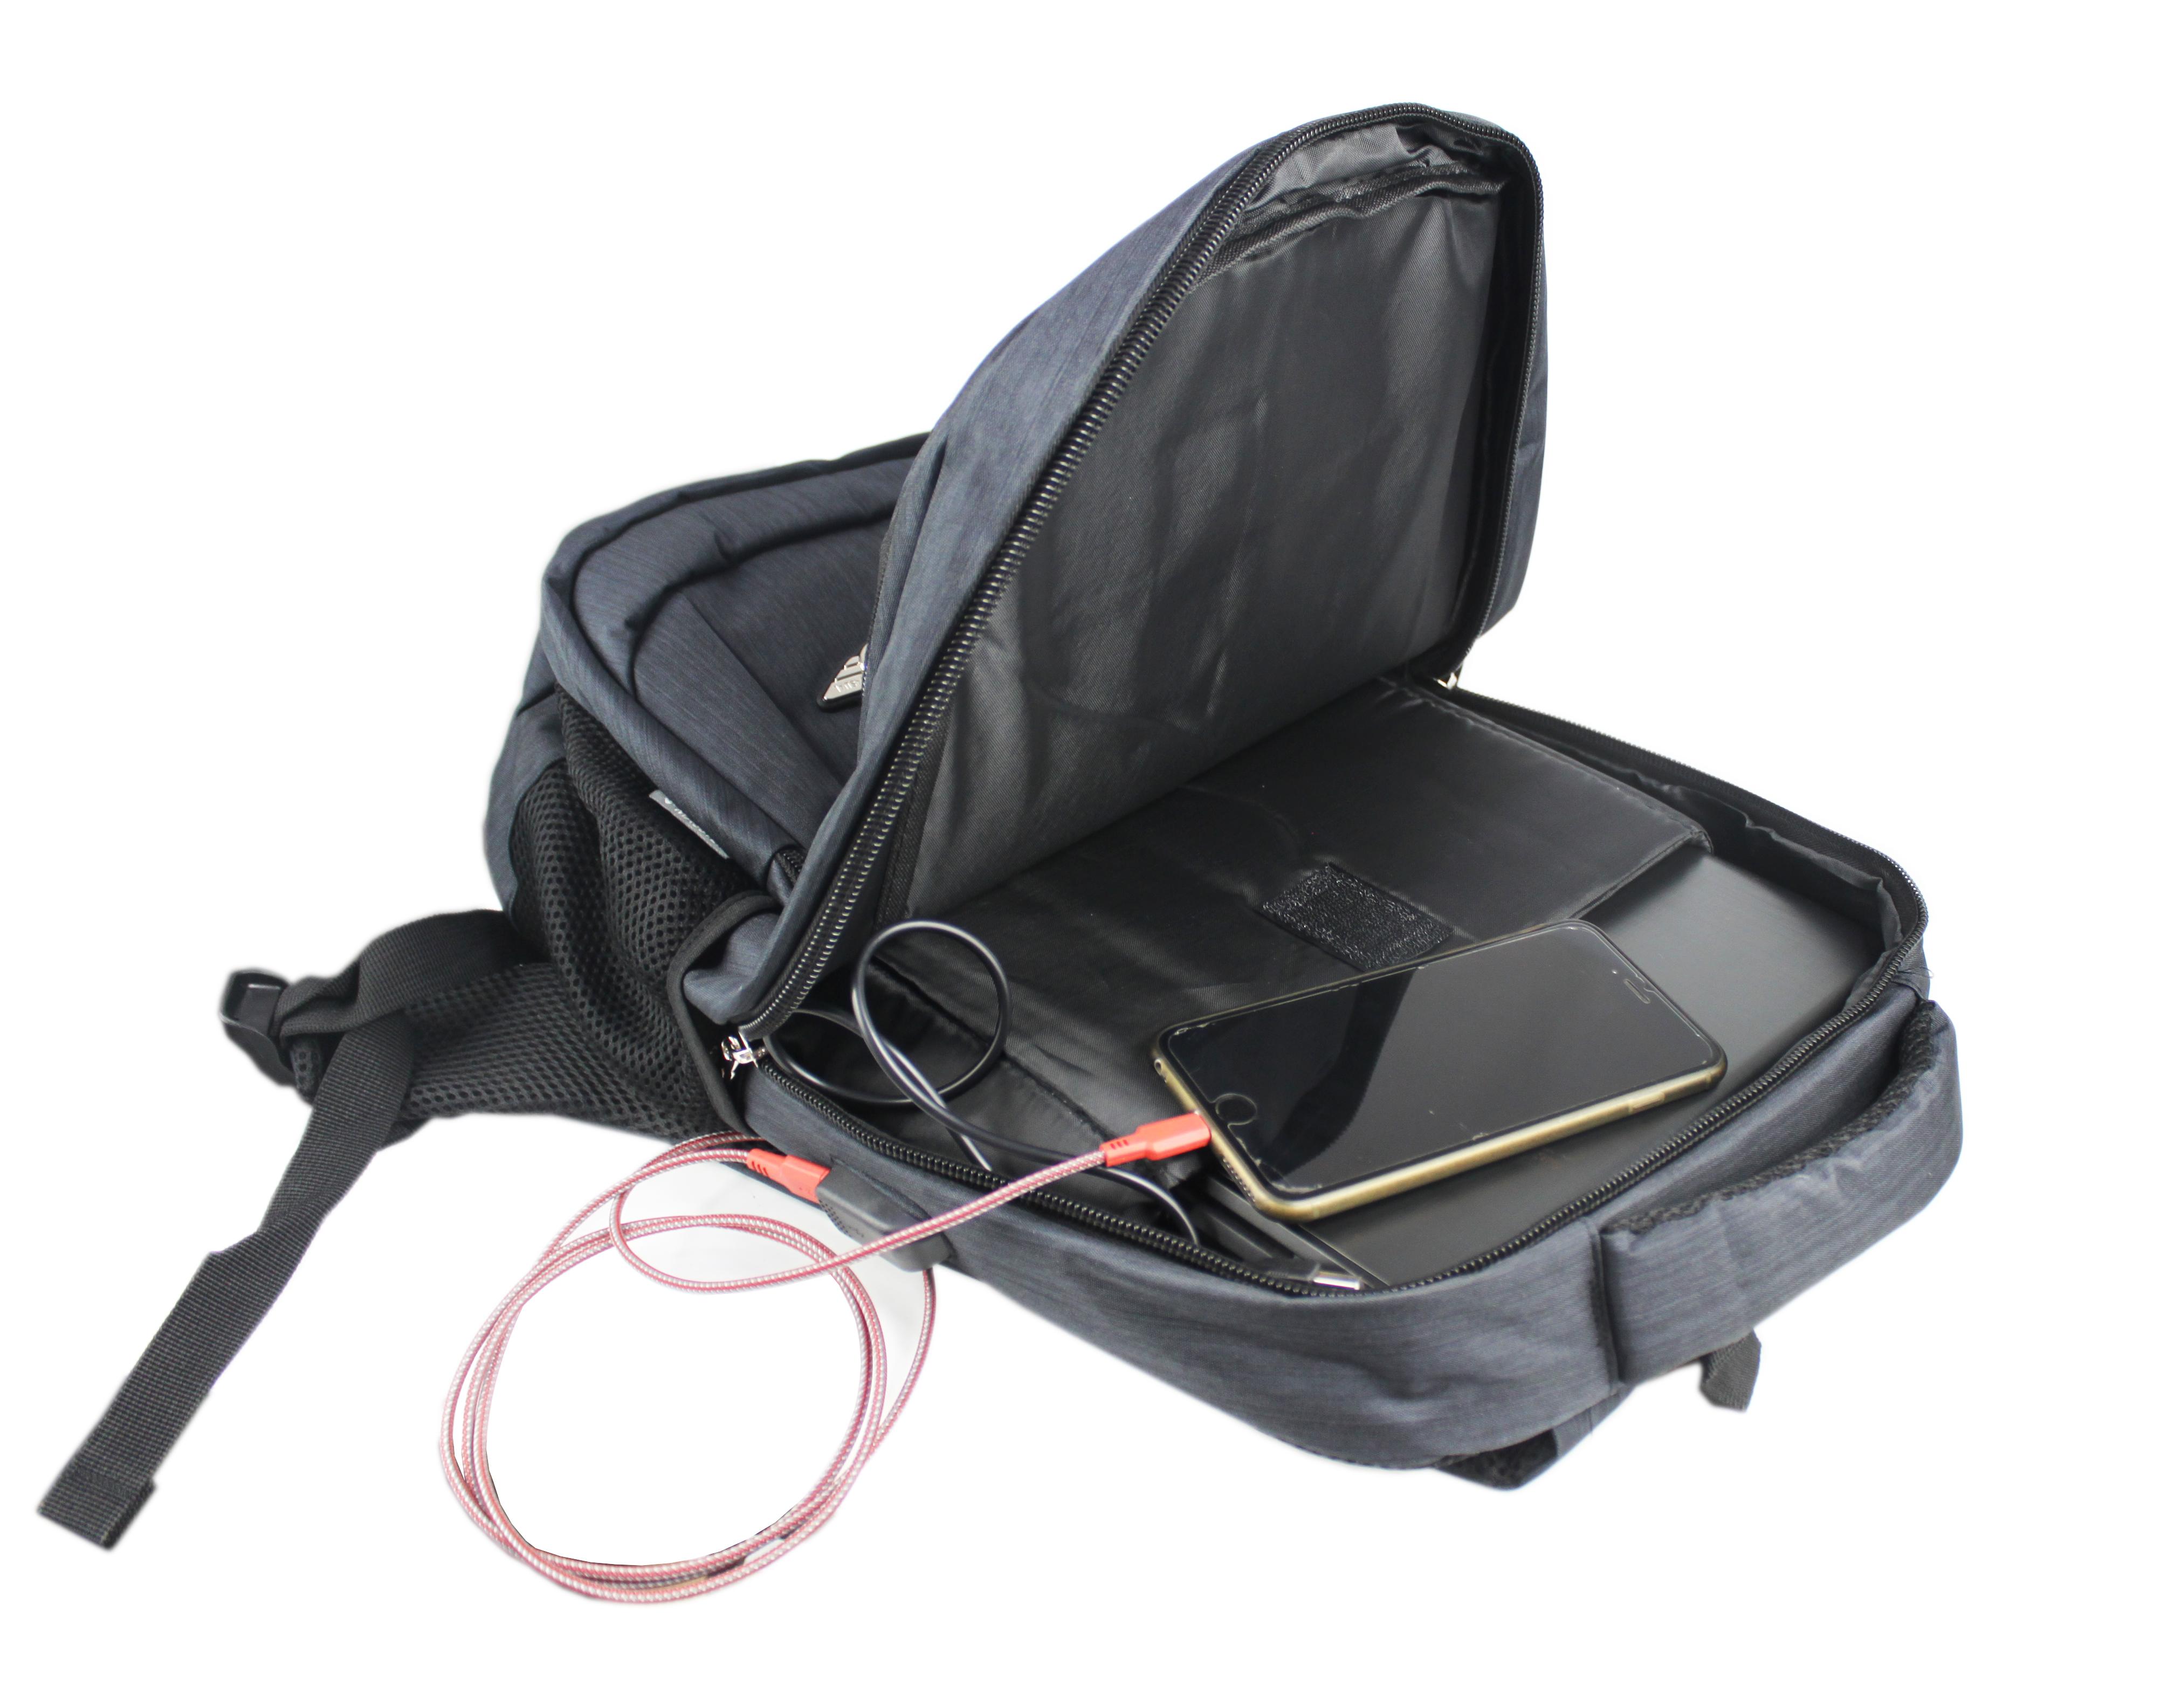 Masster 55166LB USB Charging Laptop/ Schoolbag/ Travel/ Leisure Back Pack